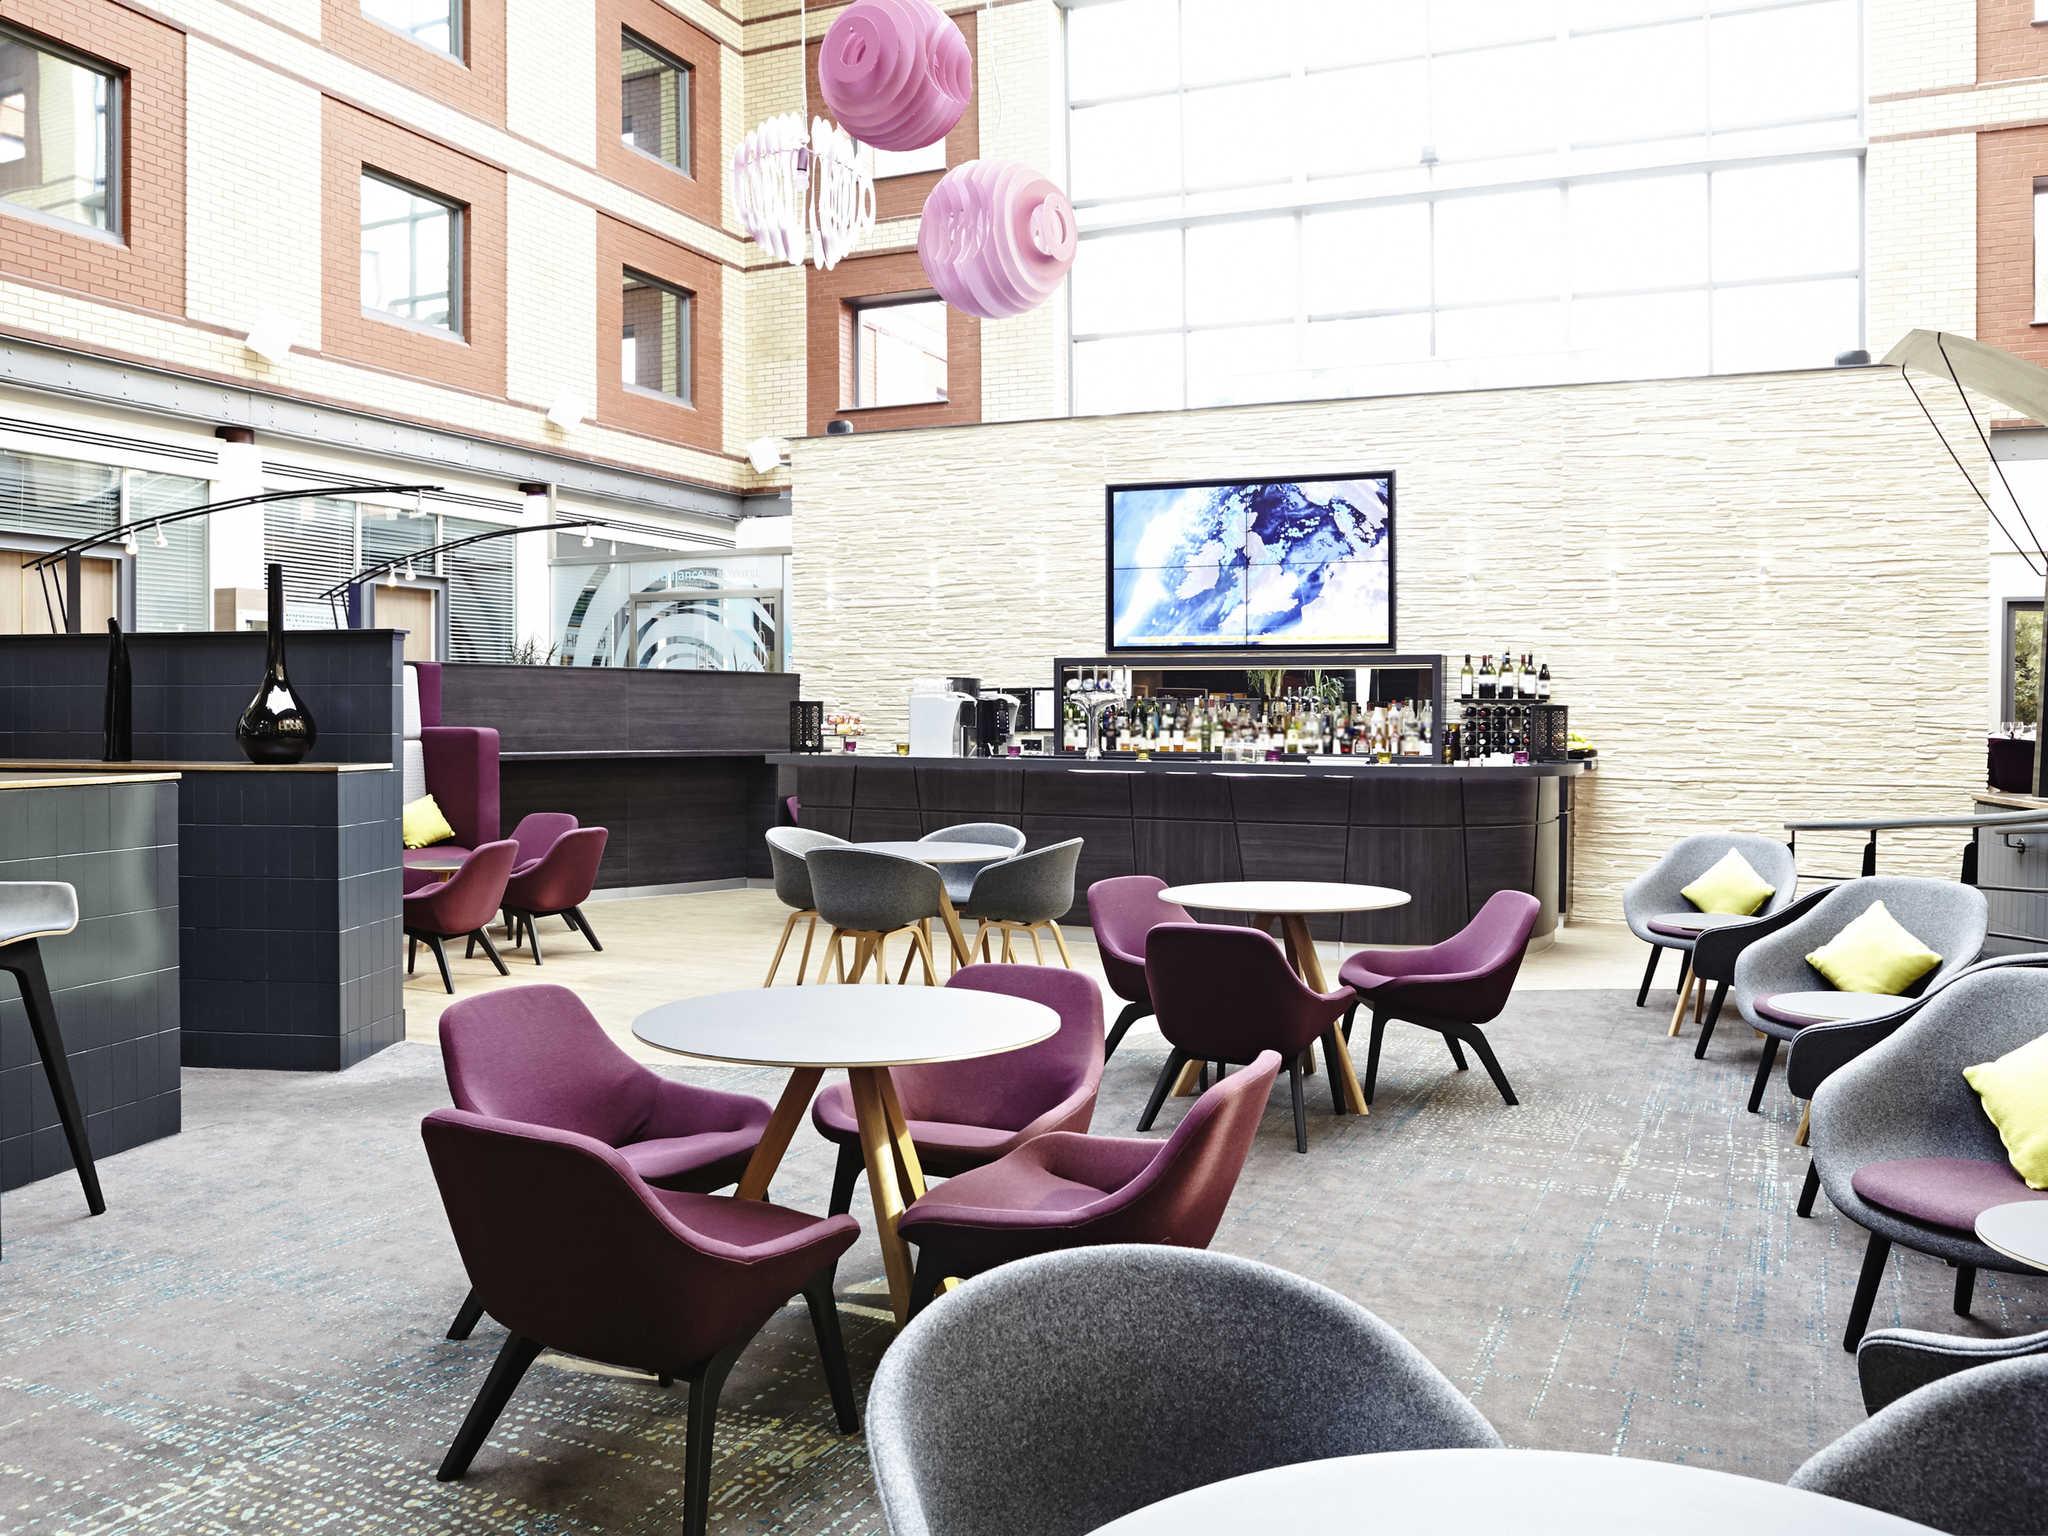 Hôtel - Novotel Londres Aéroport Heathrow - M4 Jct 4